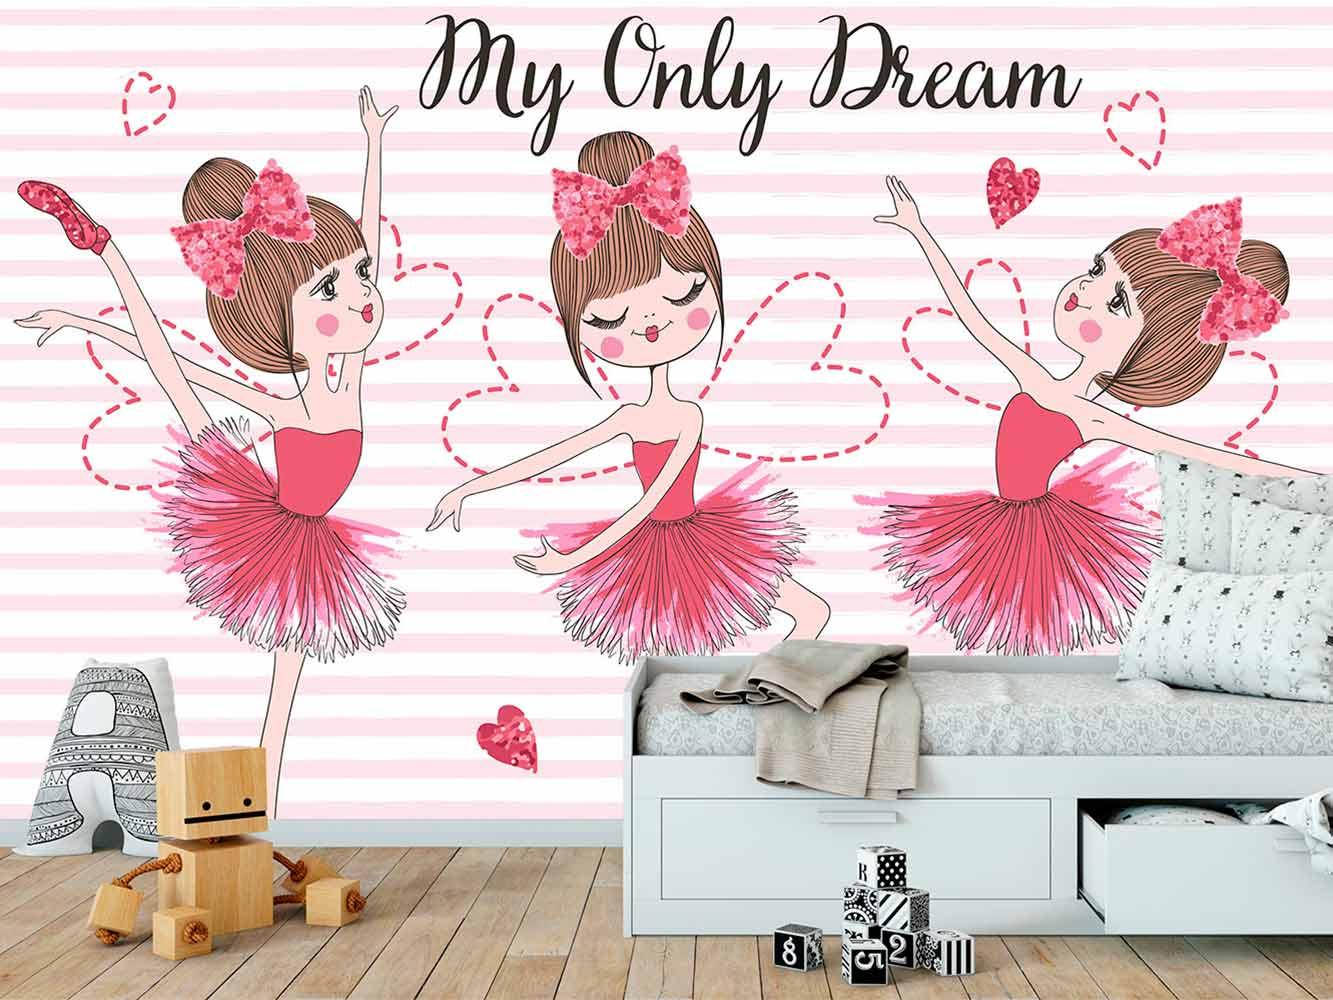 Fotomural Papel Pintado Bailarinas My Only Dream   Carteles XXL - Impresión carteleria publicitaria